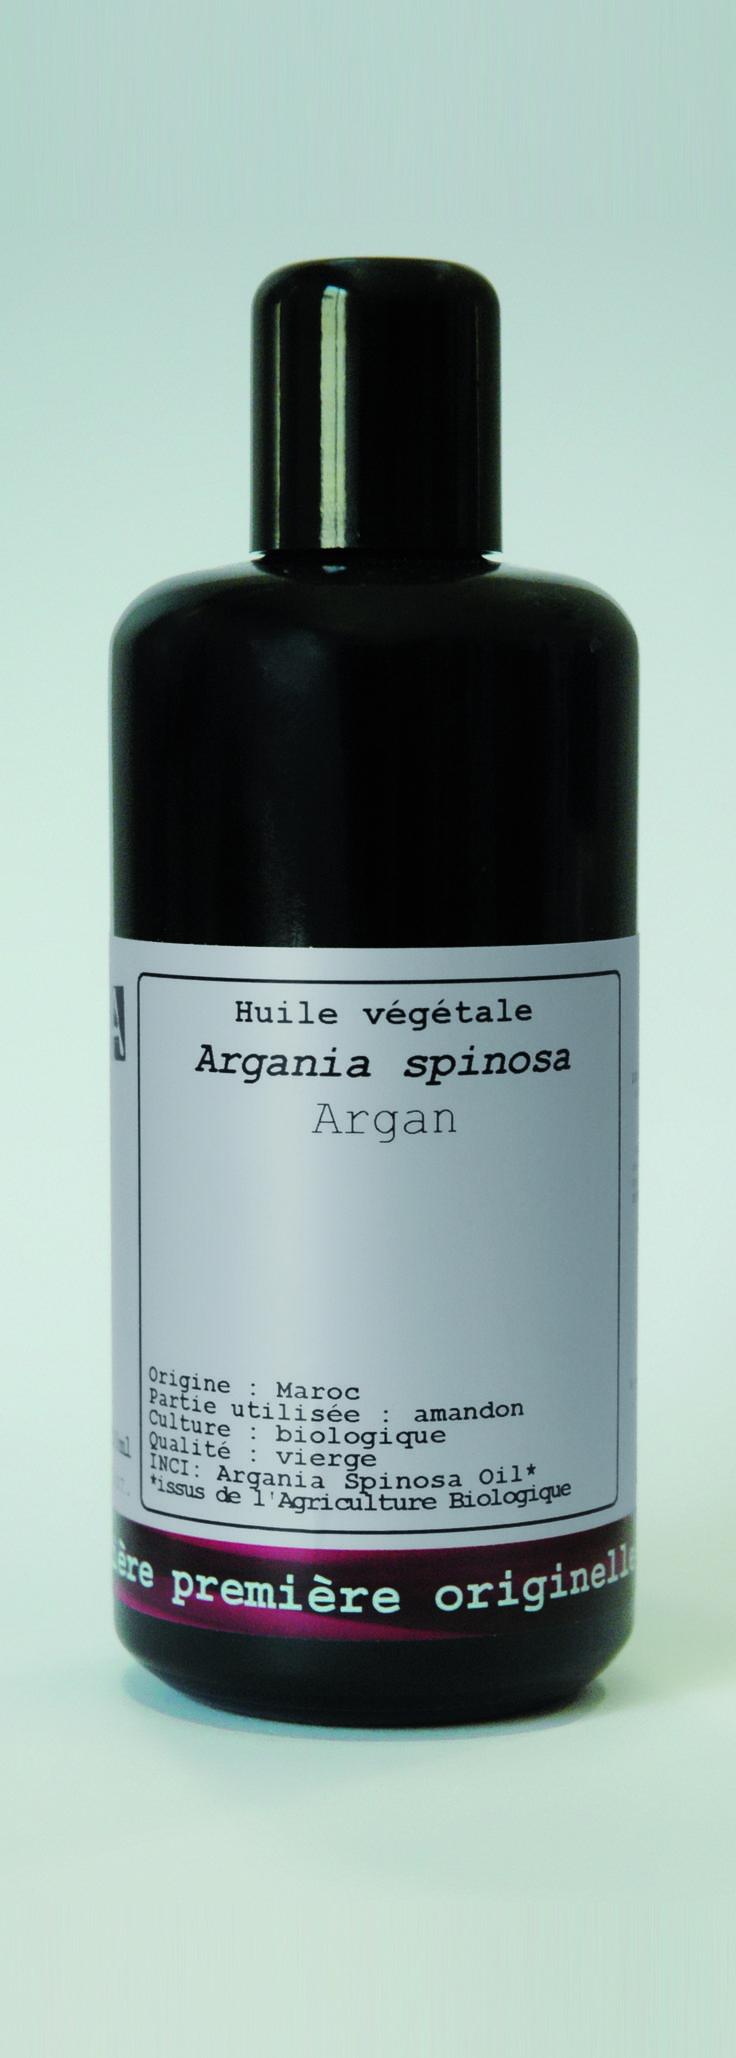 L'huile végétale d'argan bio Hévéa a d'excellentes propriétés régénératrices, réparatrices et anti-oxydantes grâce à sa teneur en bêta-carotènes (vitamine A) et en vitamine E. Grâce à son apport en acides gras essentiels, elle répare et protège la peau des sécheresses et des agressions extérieures, et prévient son vieillissement. #huiledargan